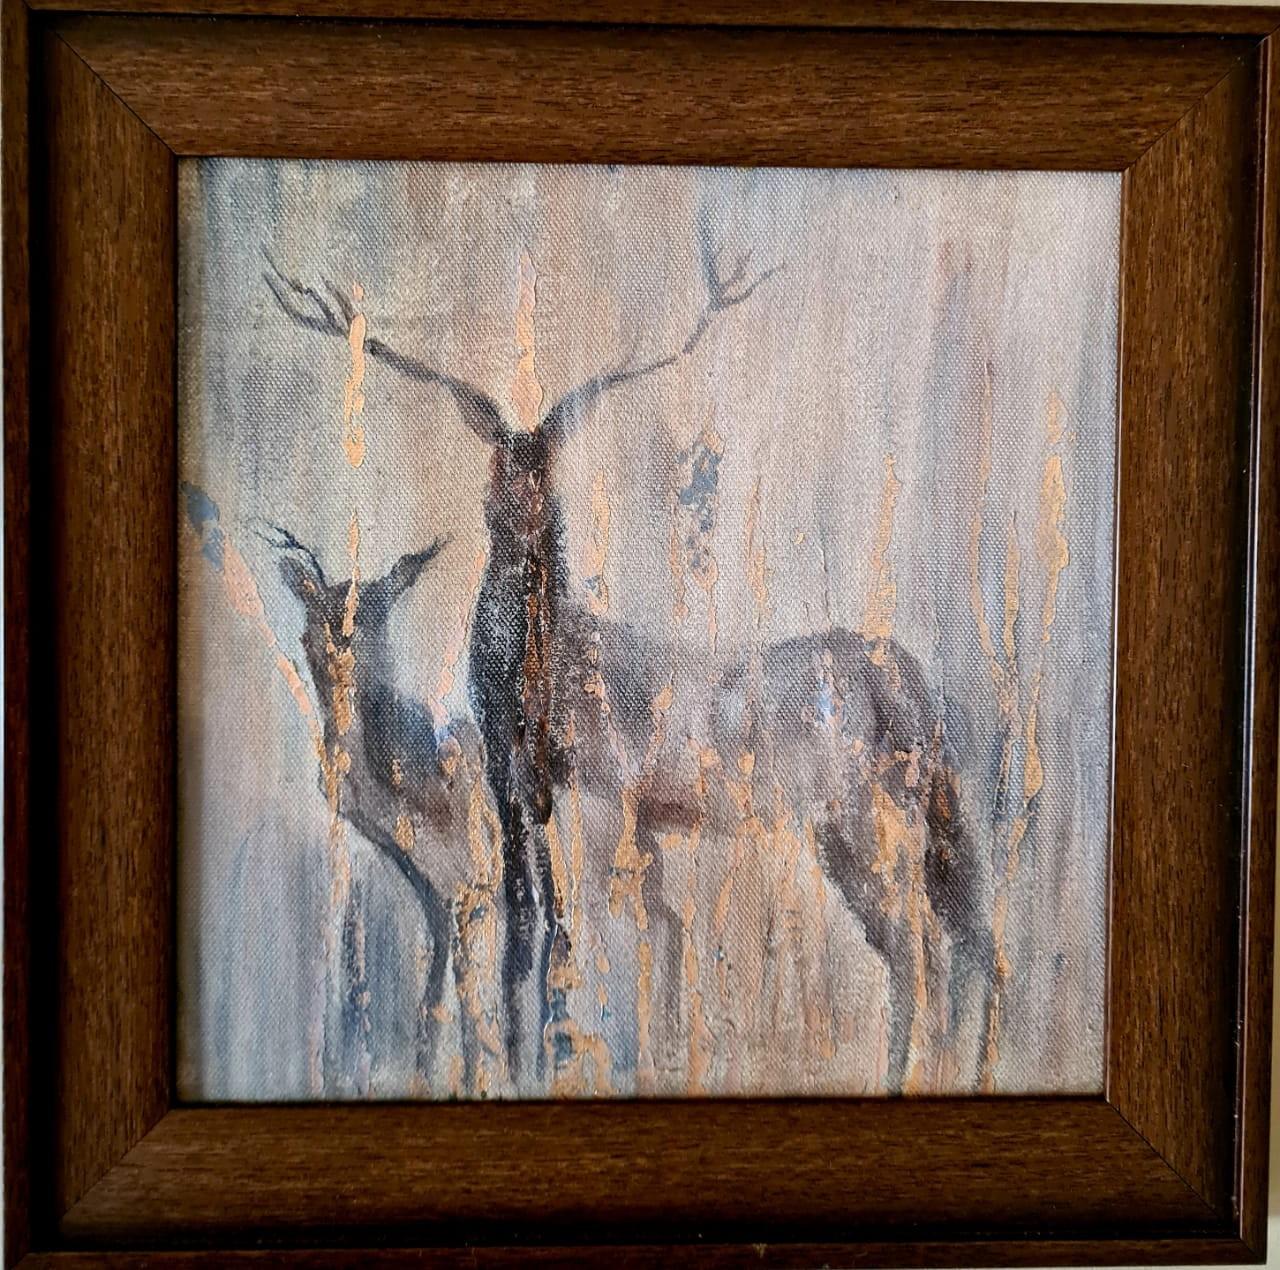 Deer park by Jean wijesekera